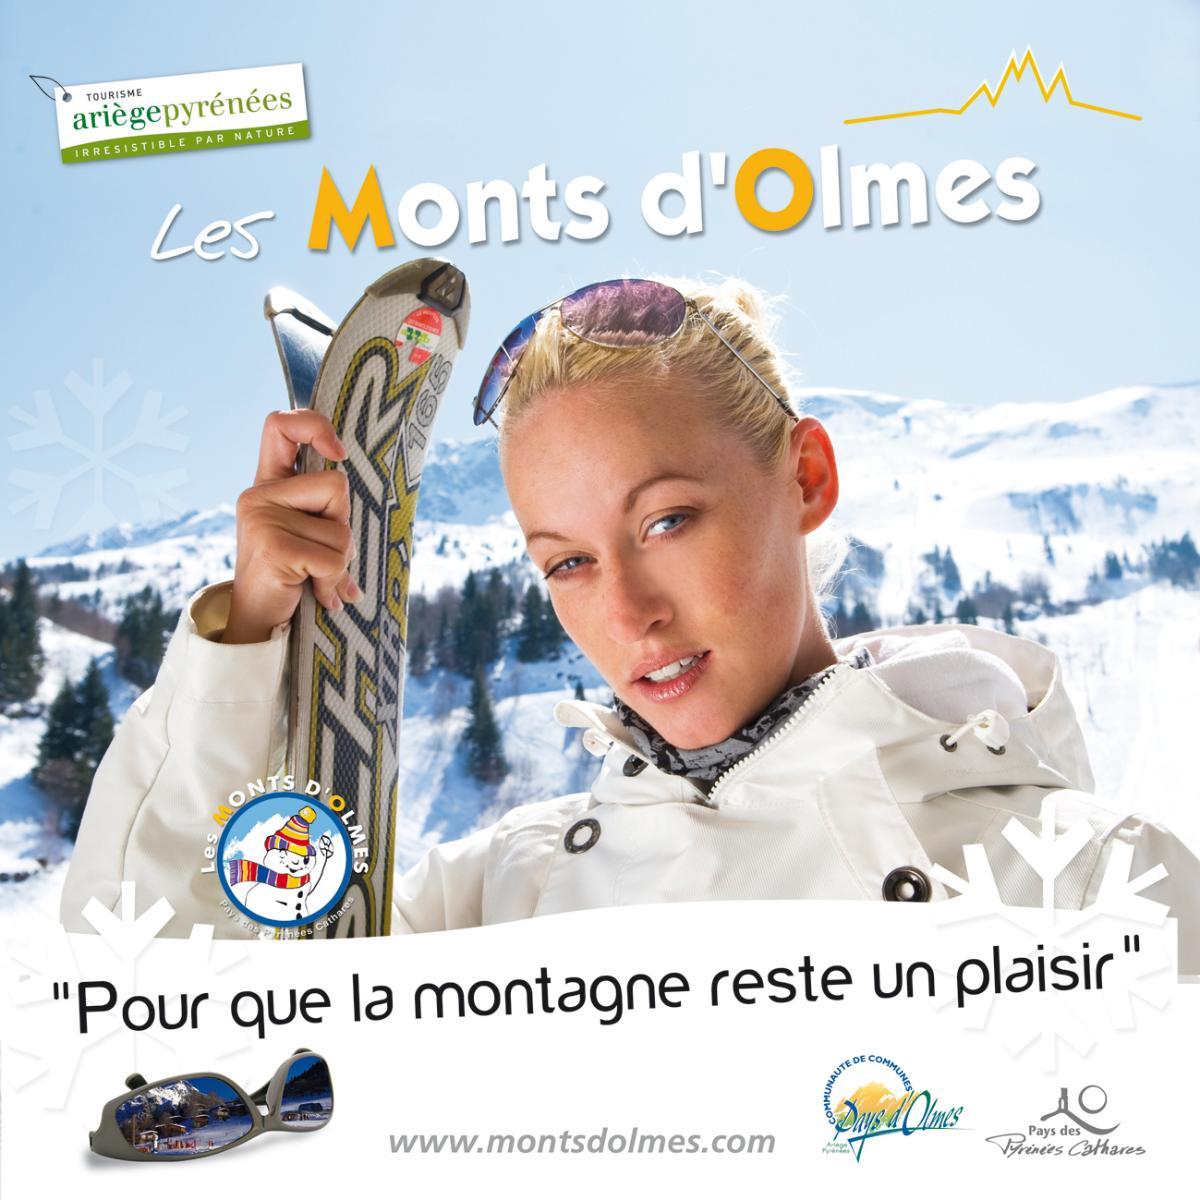 station de ski les monts d'olmes Ariège 09